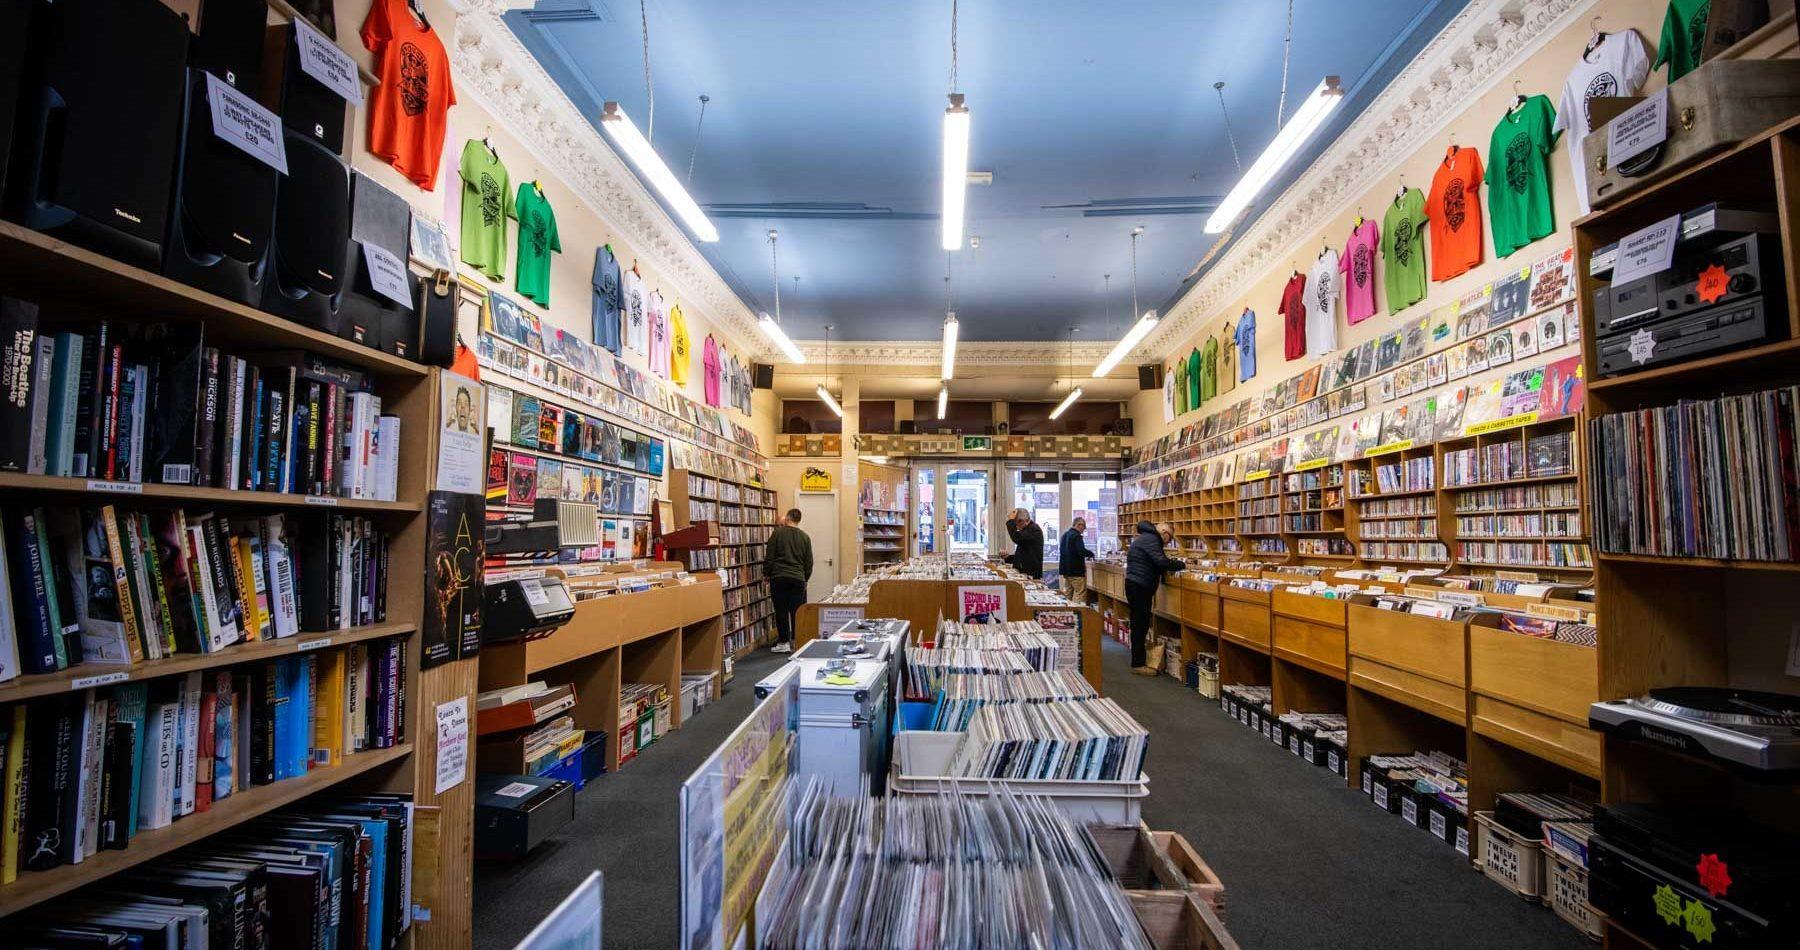 Groucho's à Dundee, plus qu'un magasin de disques